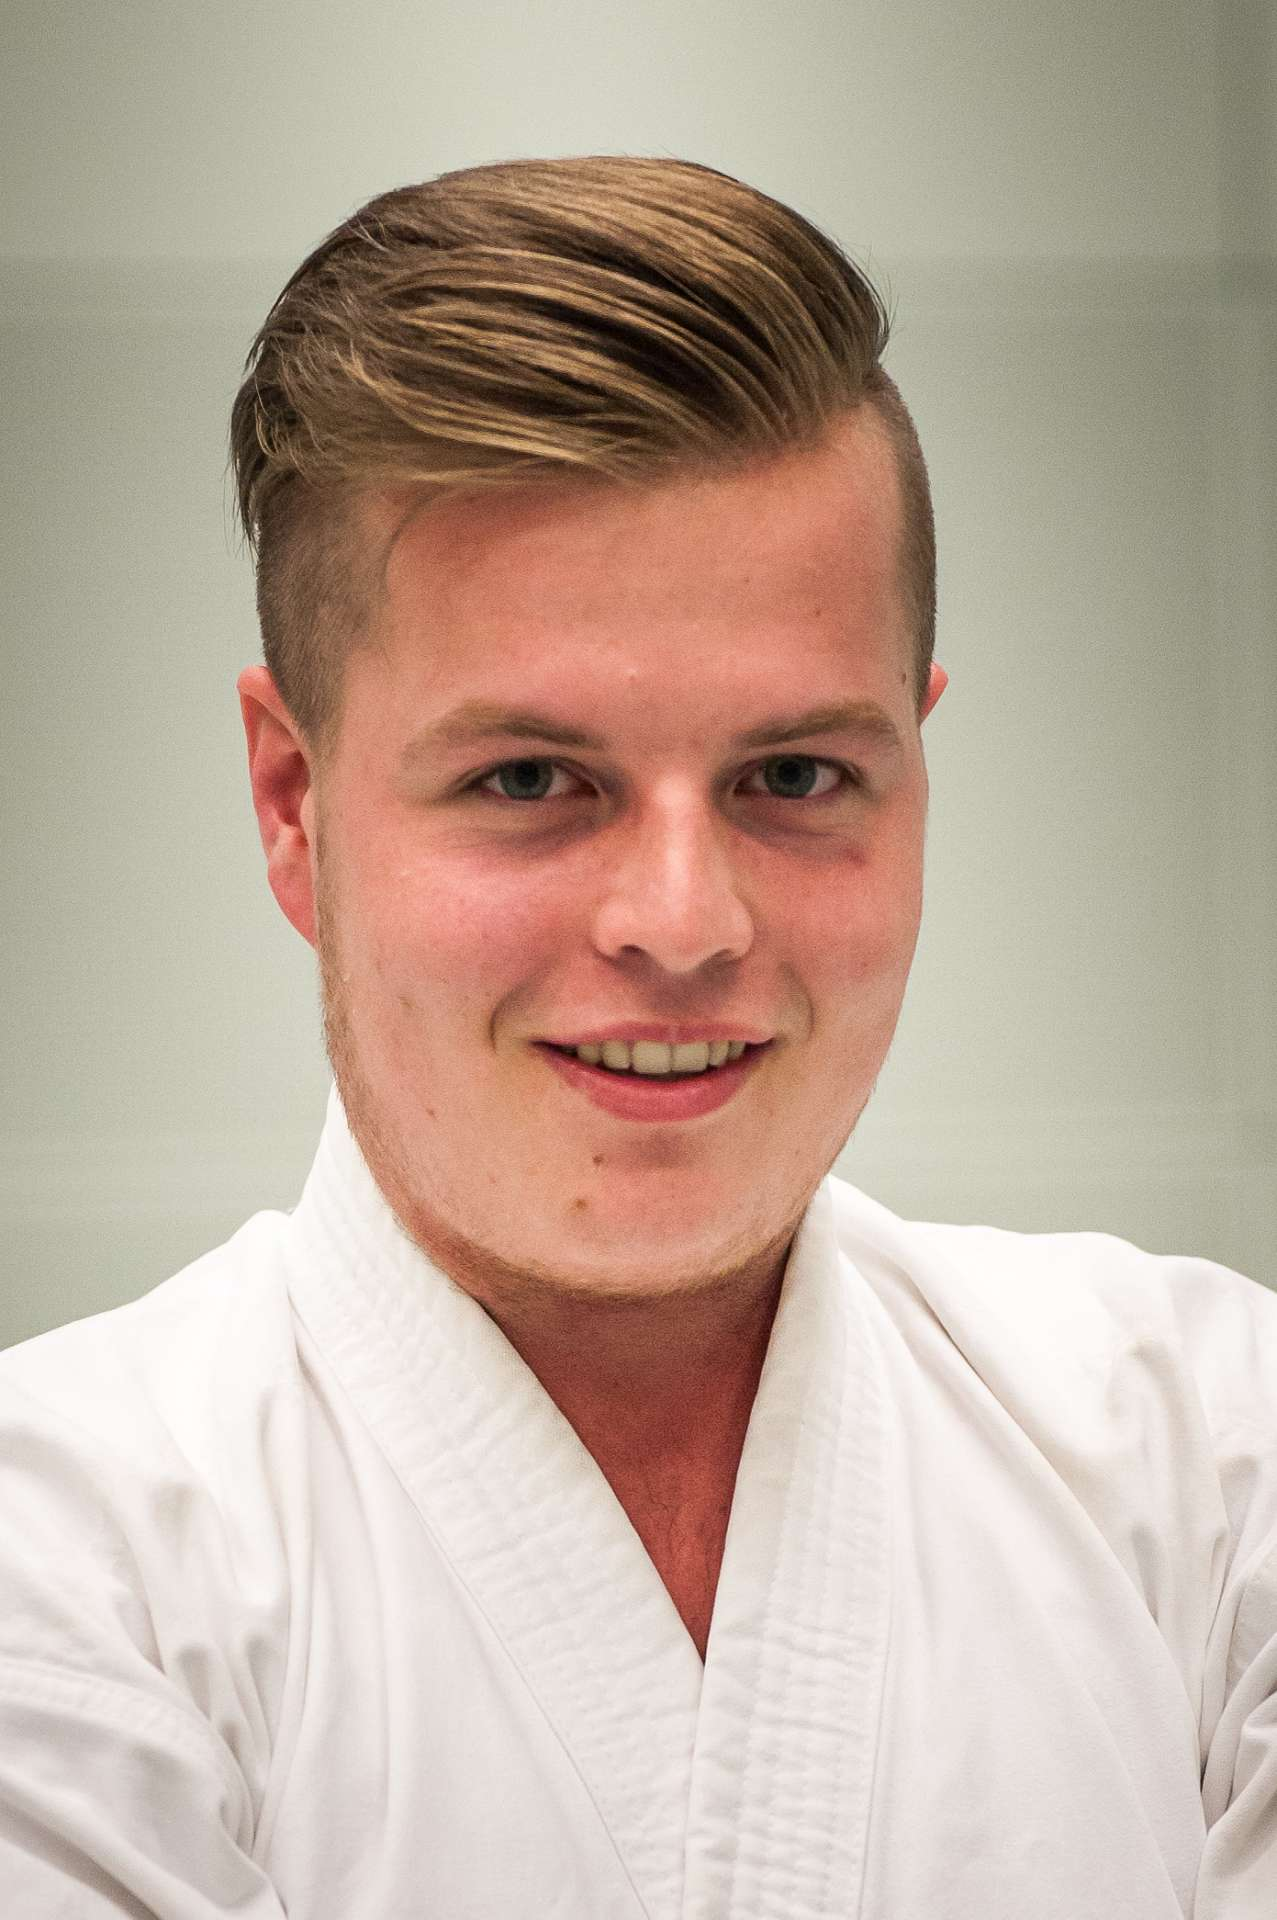 Florian Scheuing